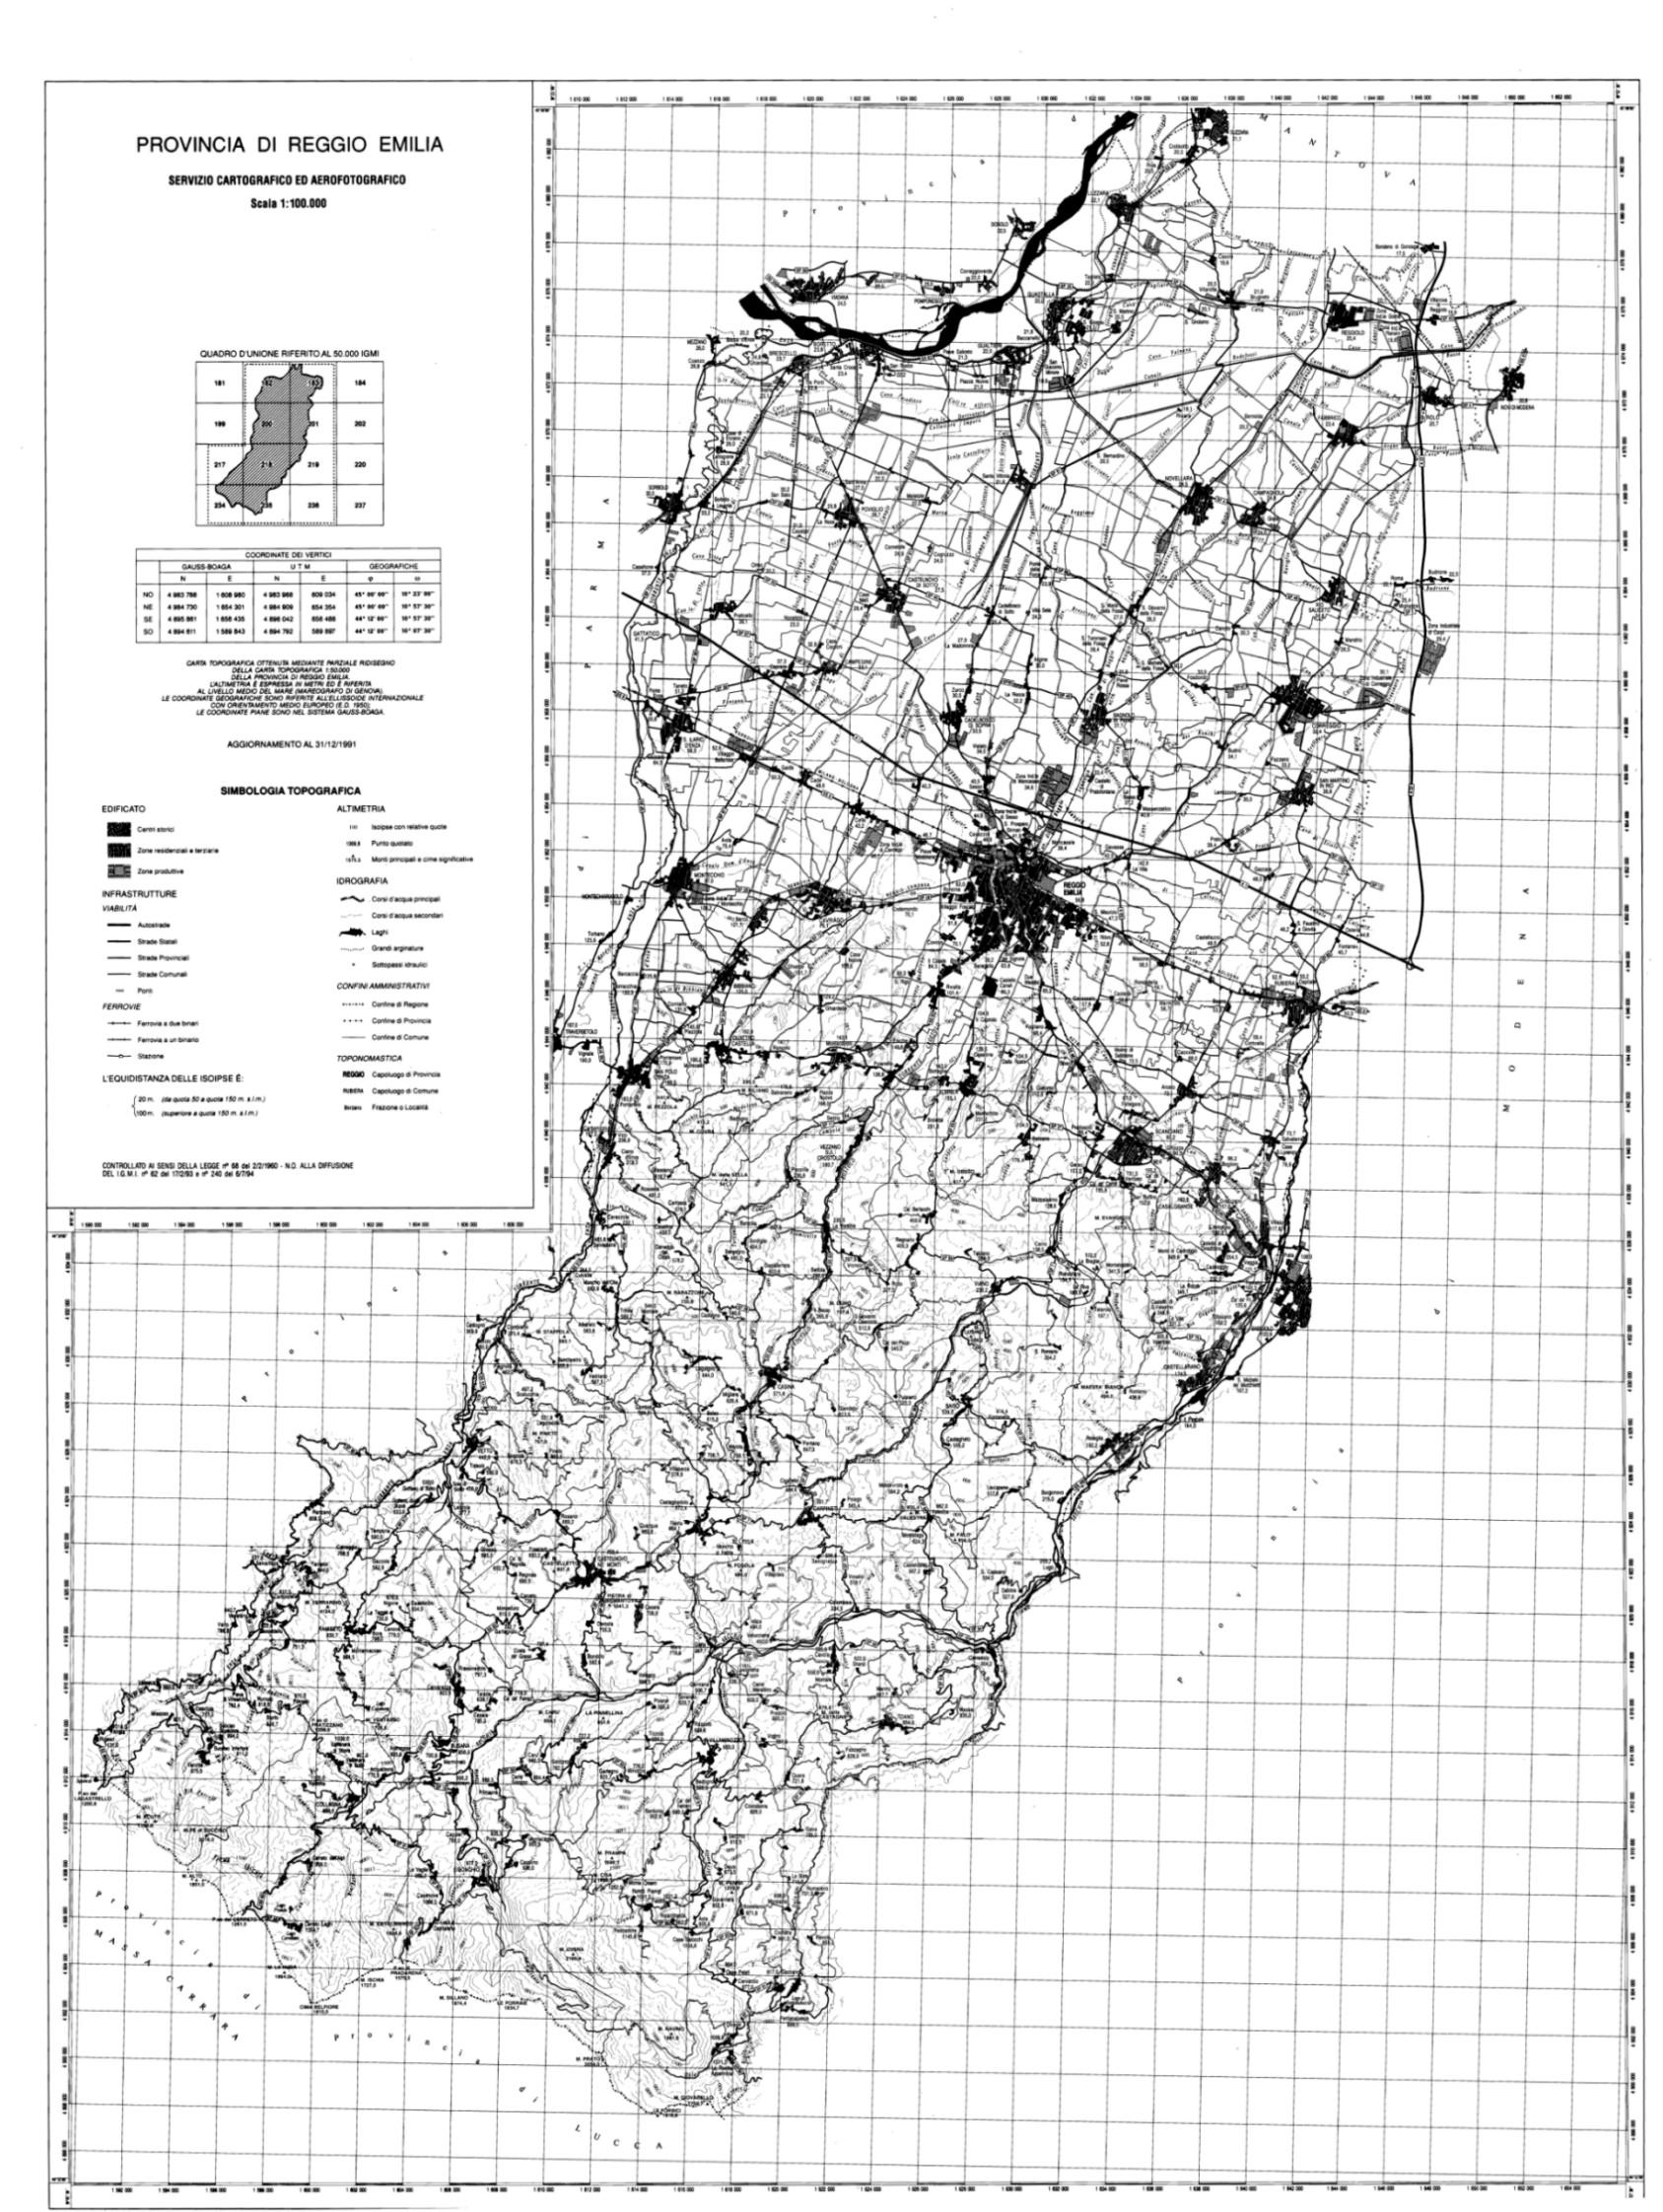 Cartina Topografica Emilia Romagna.Provincia Di Reggio Emilia Cartografia Di Base